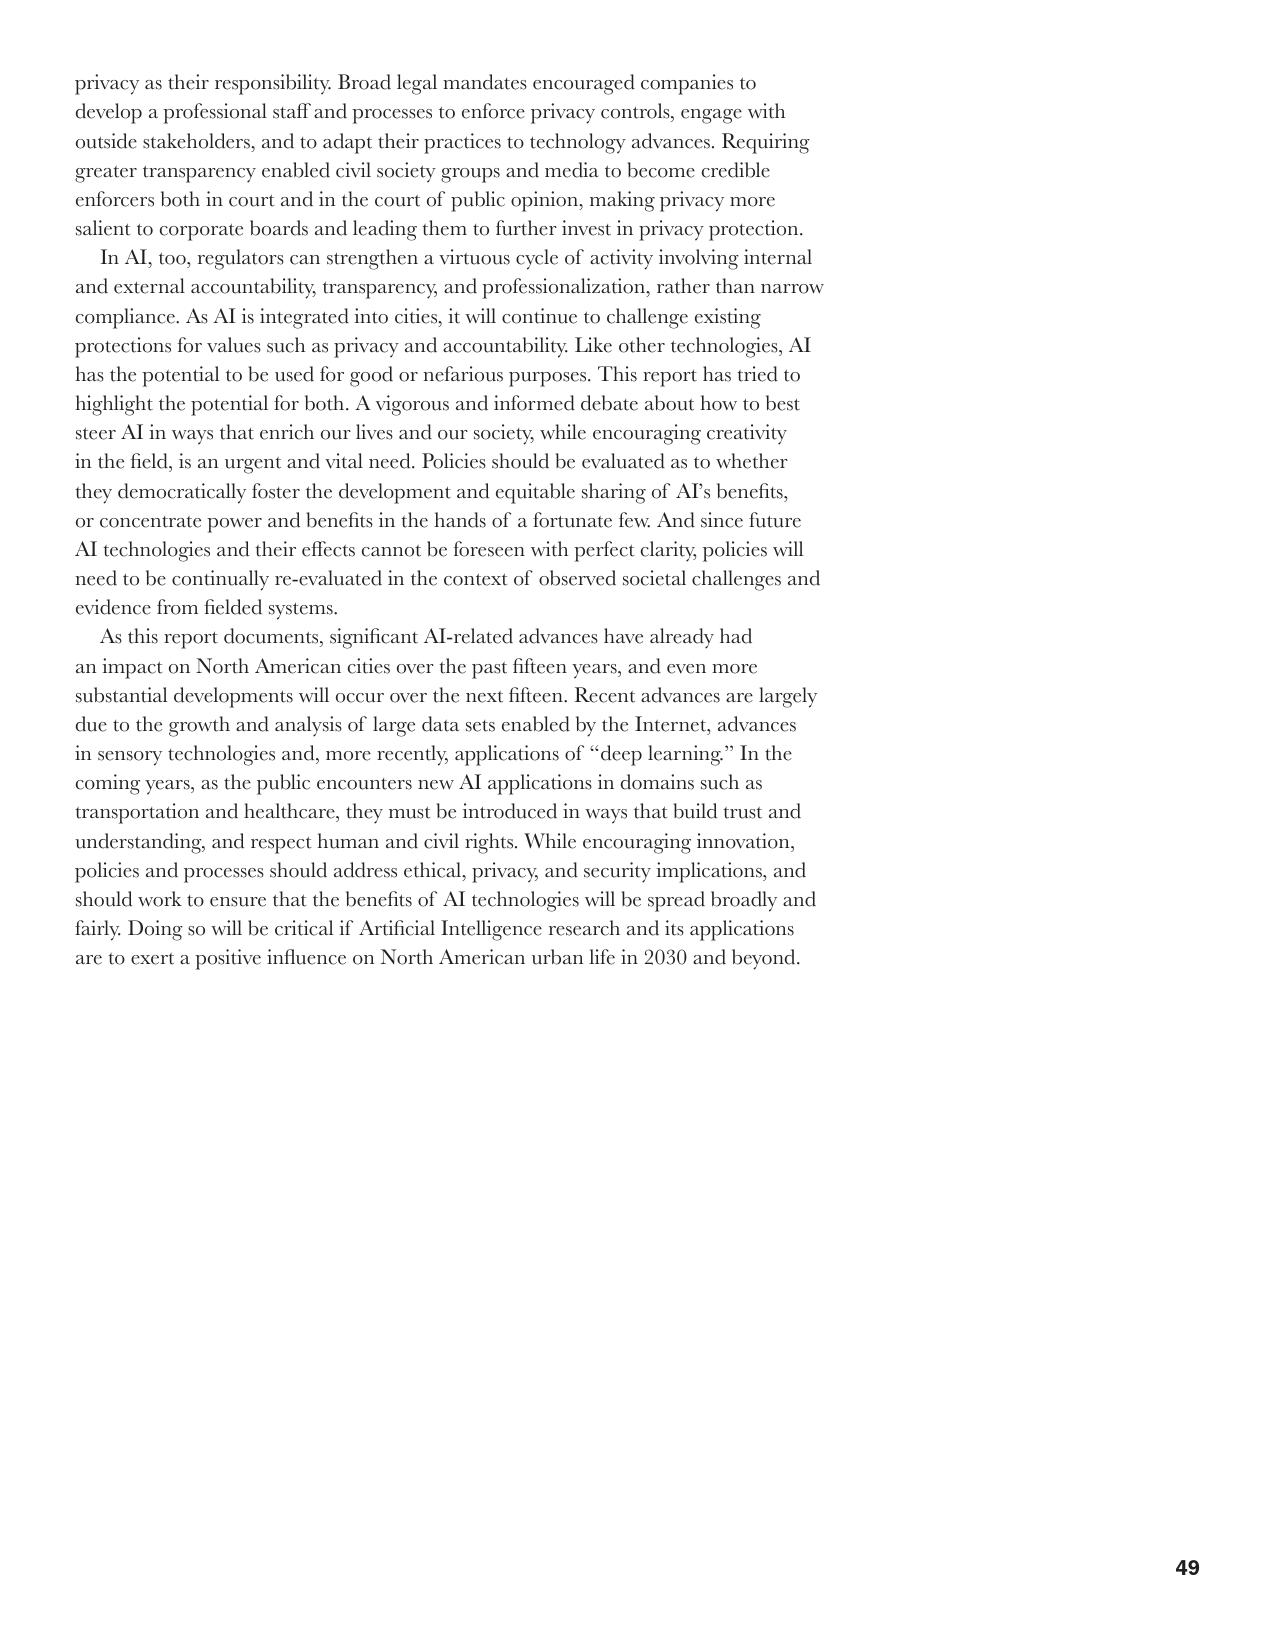 斯坦福:2030年的人工智能与人类生活_000049